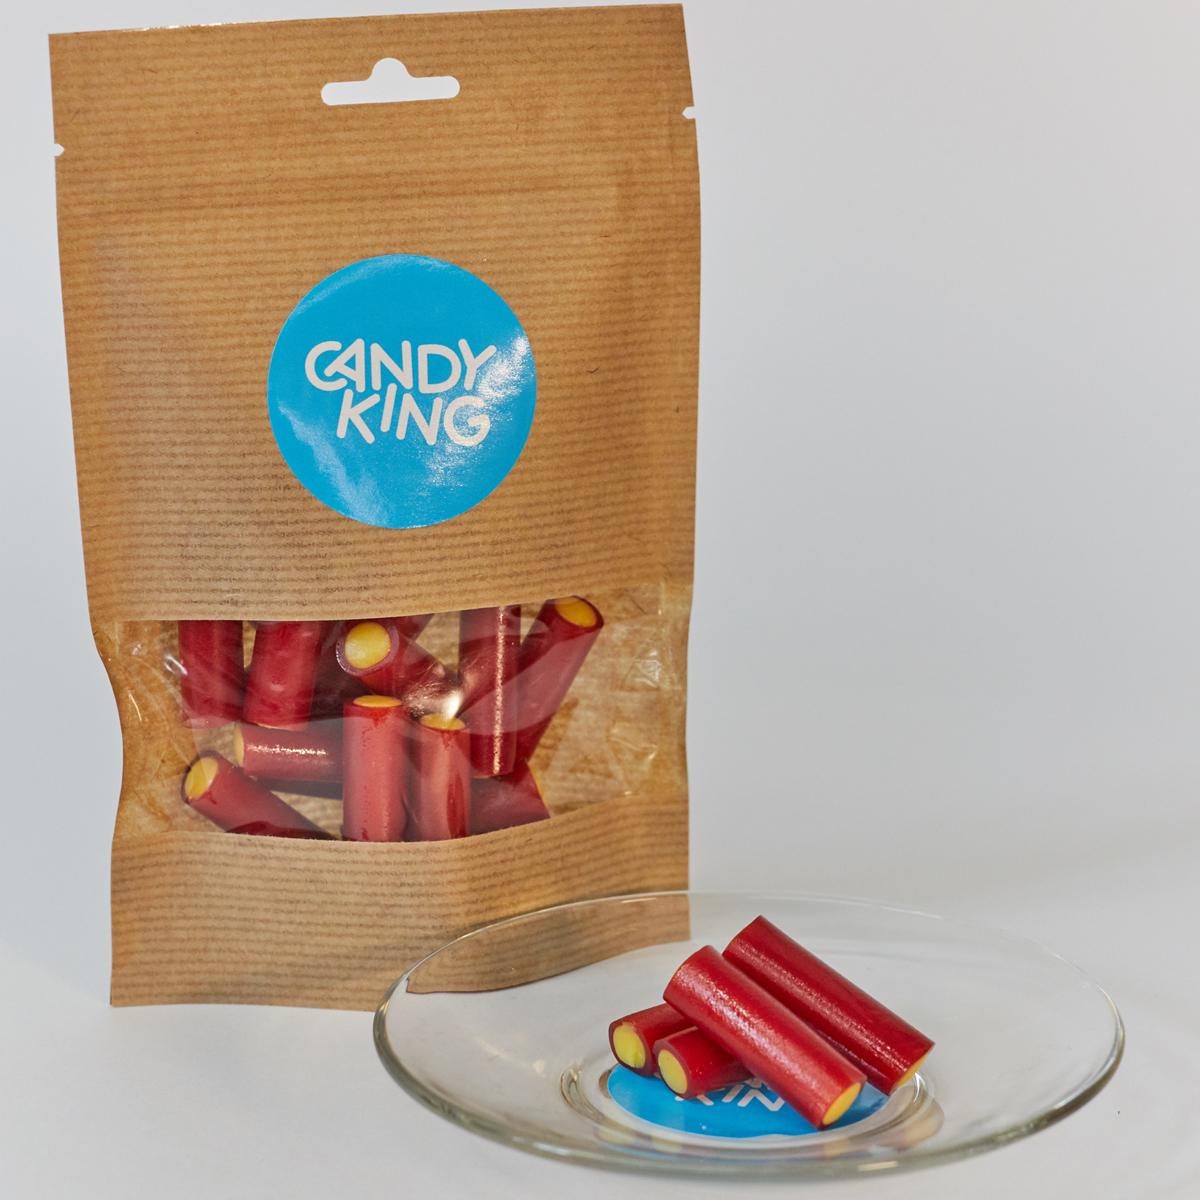 Candy King Палочки с ревенем Конфета желейная со вкусом ревеня, 100 г